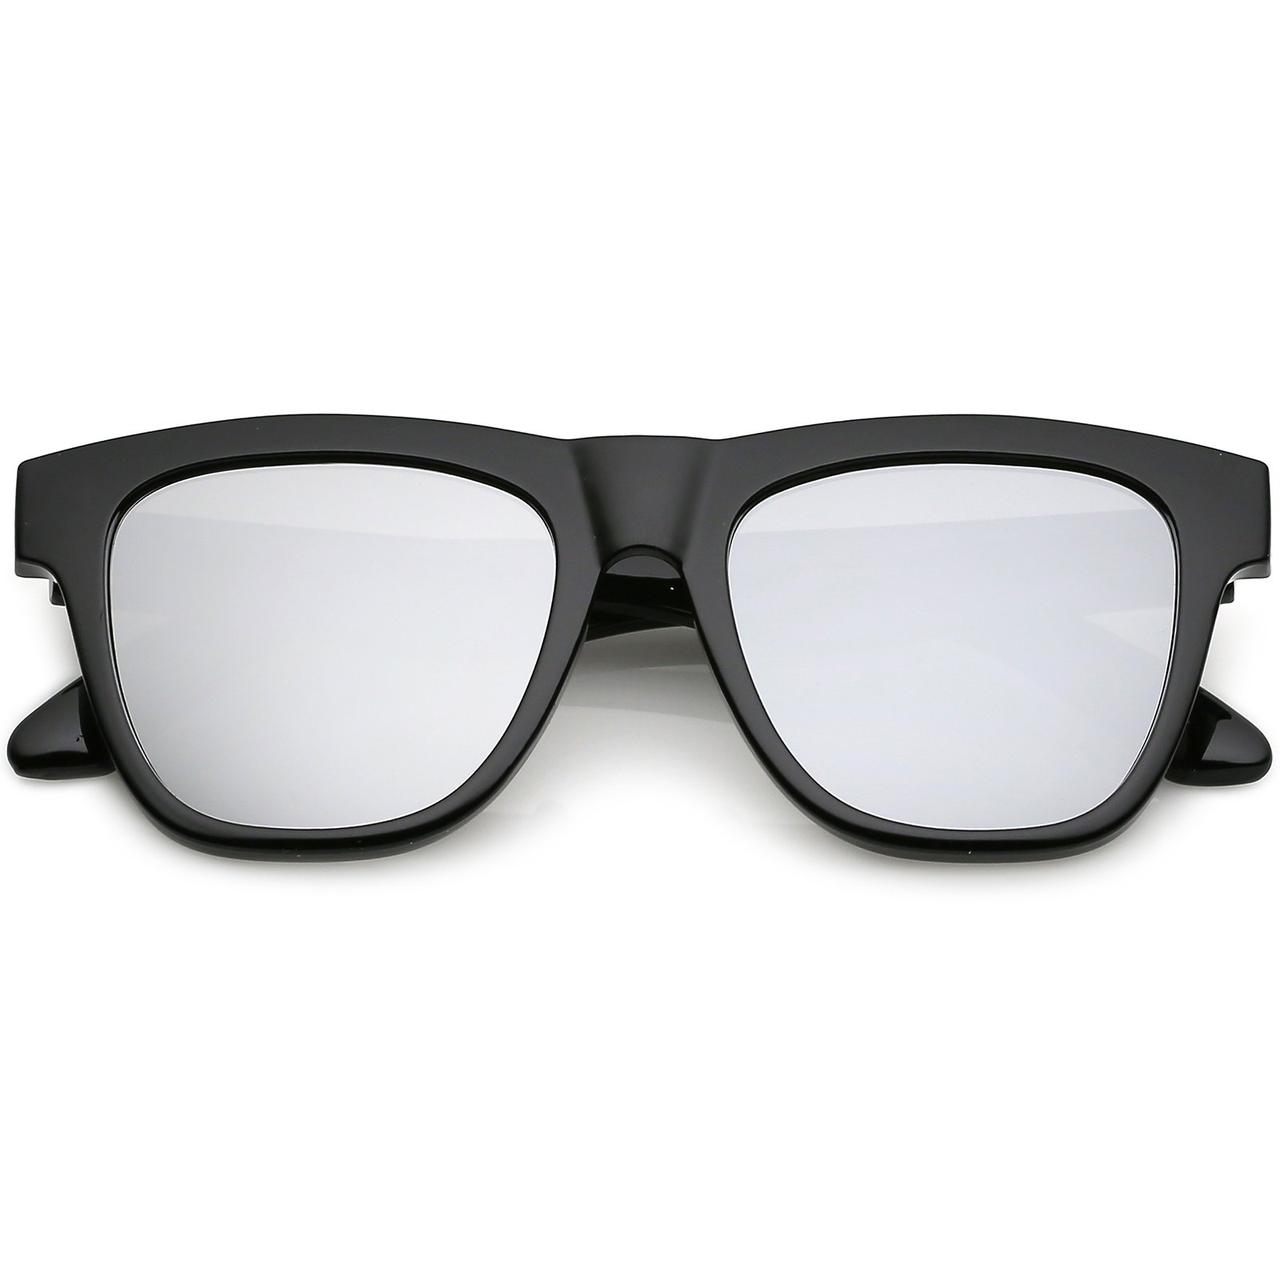 Мужские классические квадратные солнцезащитные очки в чёрной глянцевой оправе с серебряны зеркальными линзами